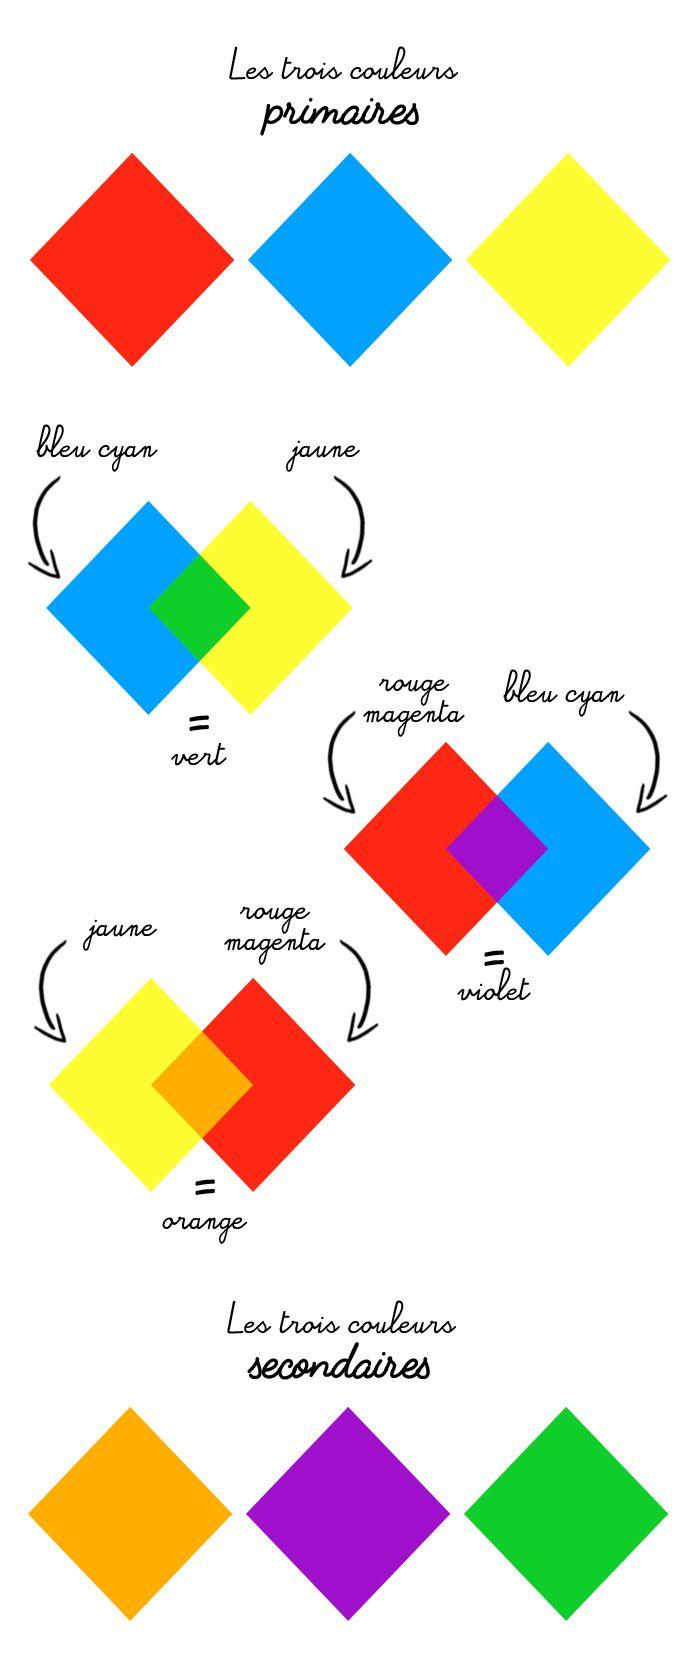 L'apprentissage des couleurs primaires et secondaires - Poulette Magique - blog DIY & déco - Narbonne